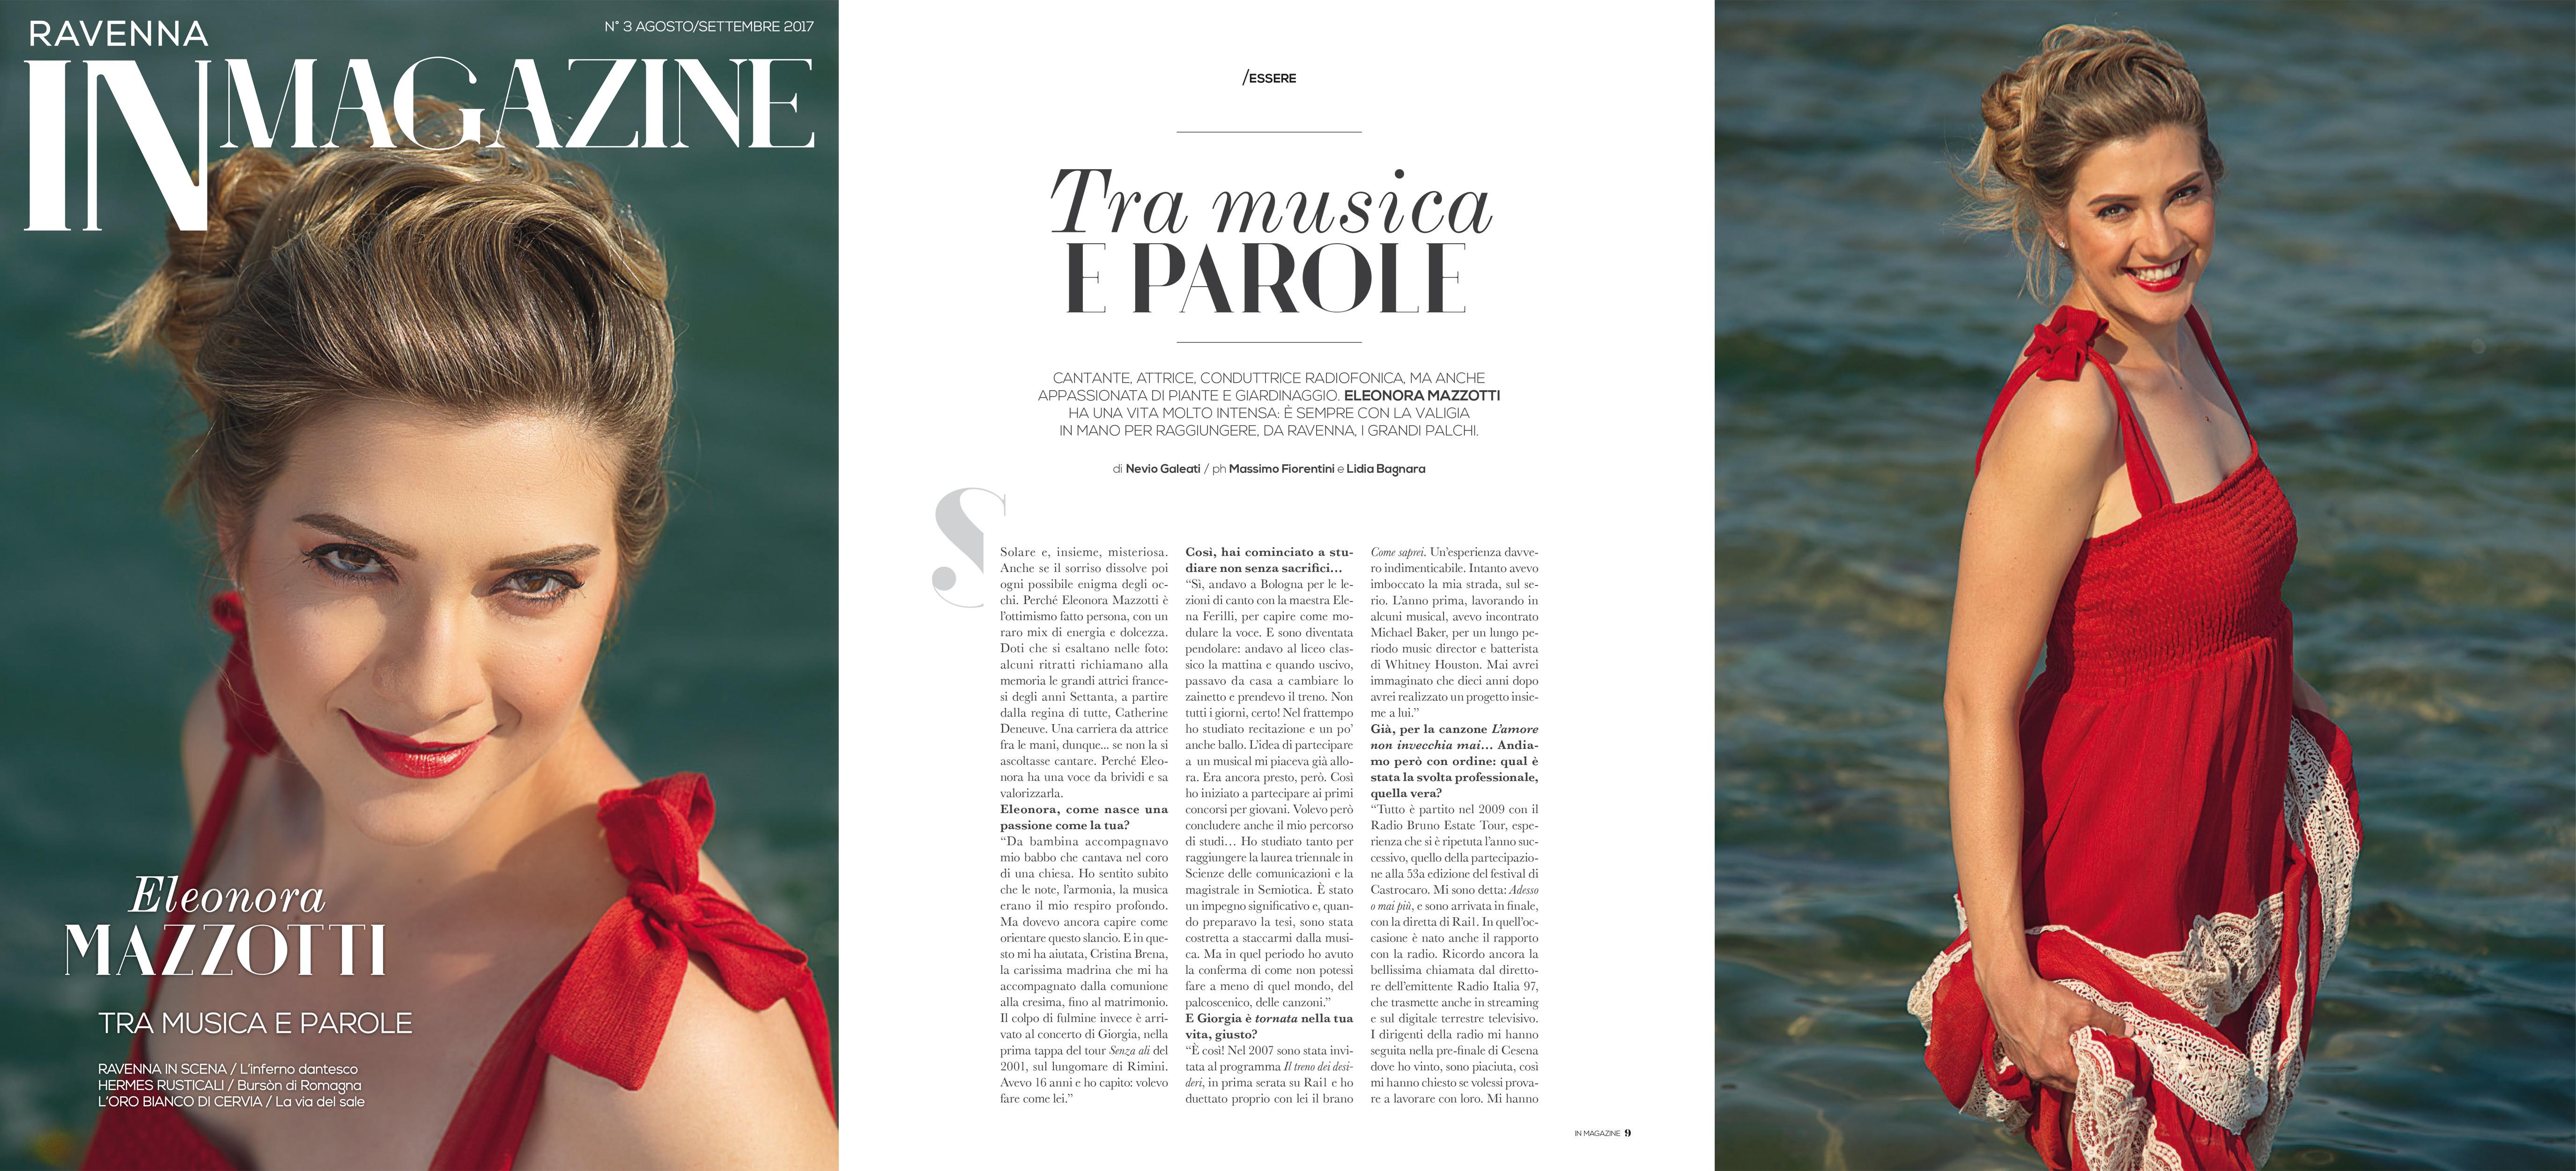 Copertina e articolo In Magazine , 2017